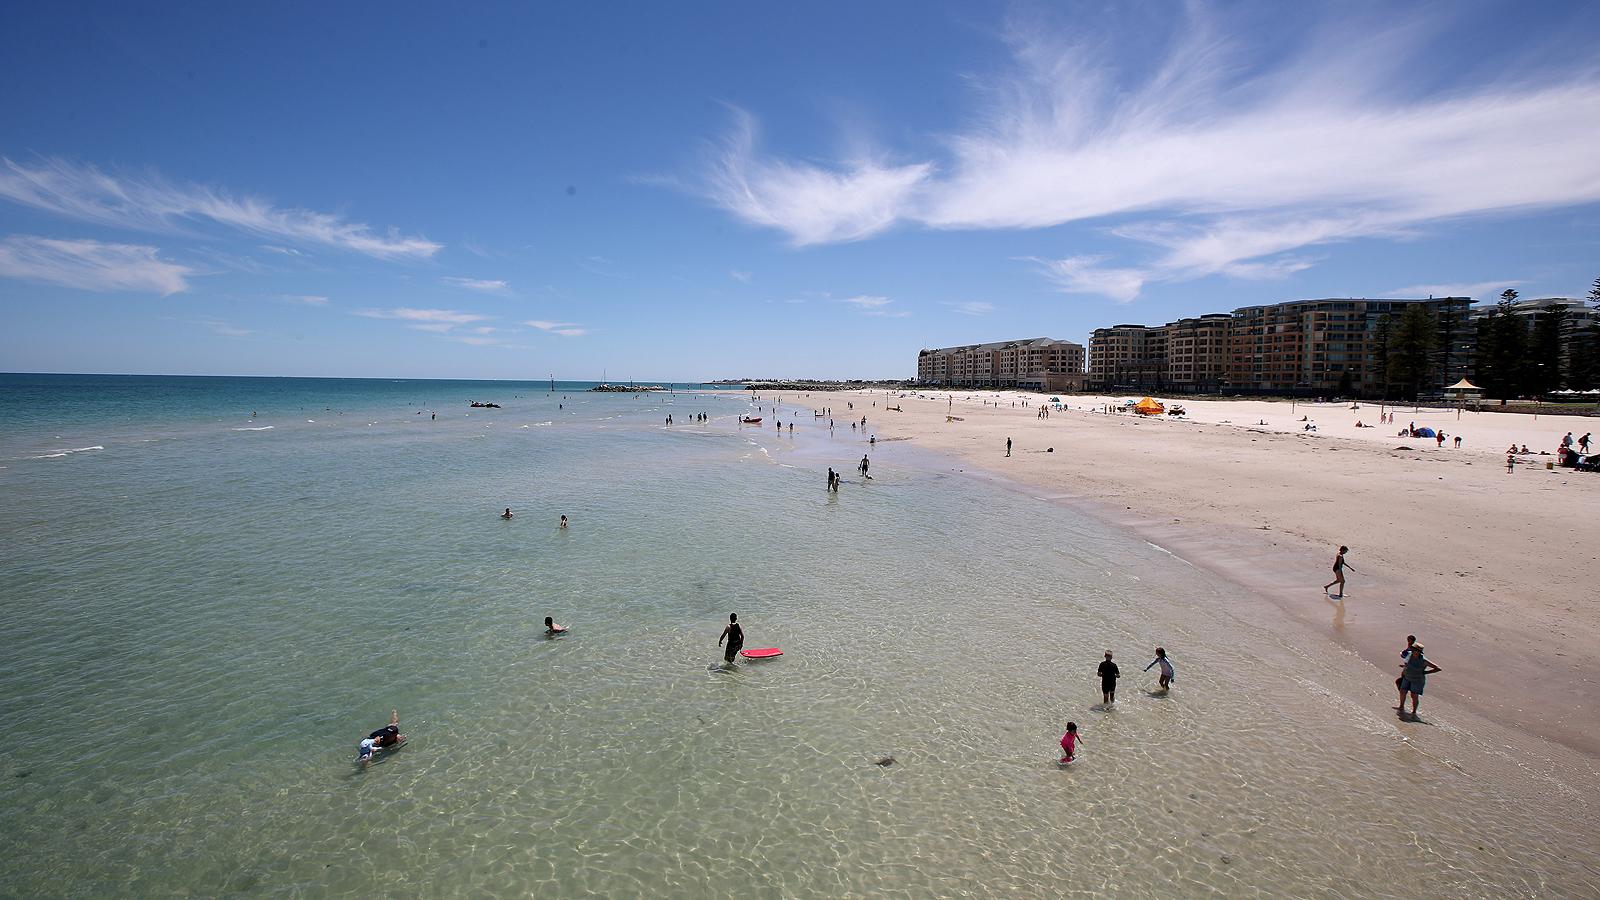 Предупреждения за опасност са издадени за част от Австралия, в условия на топлинна вълна са Порт Аугуста с 44.7, Седуна 45.5 и Нуларбор 46.2